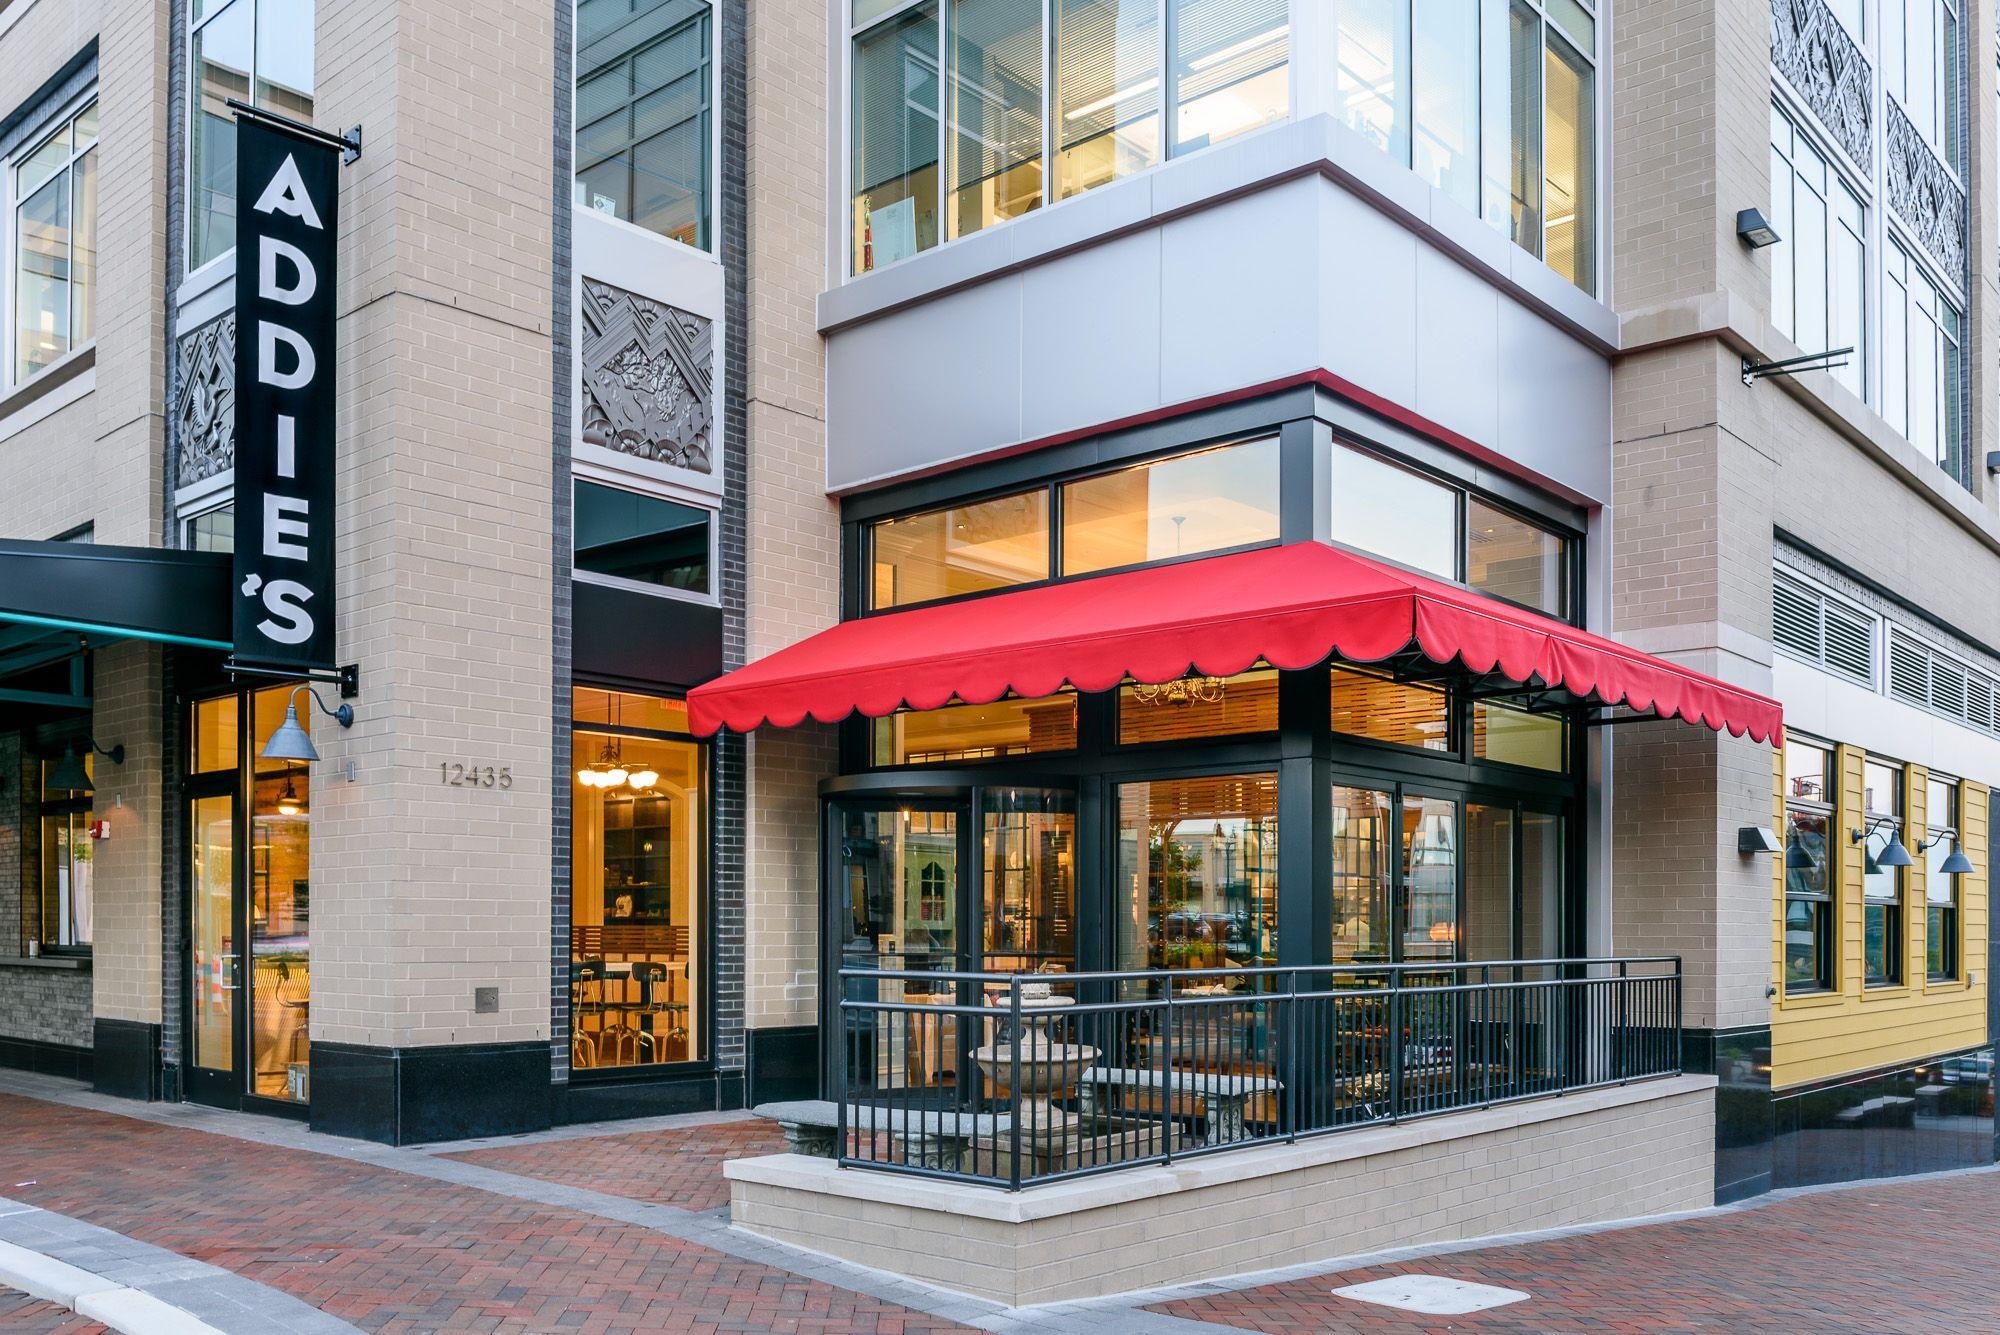 Addie S Potomac Md Black Restaurant Travel General Restaurant